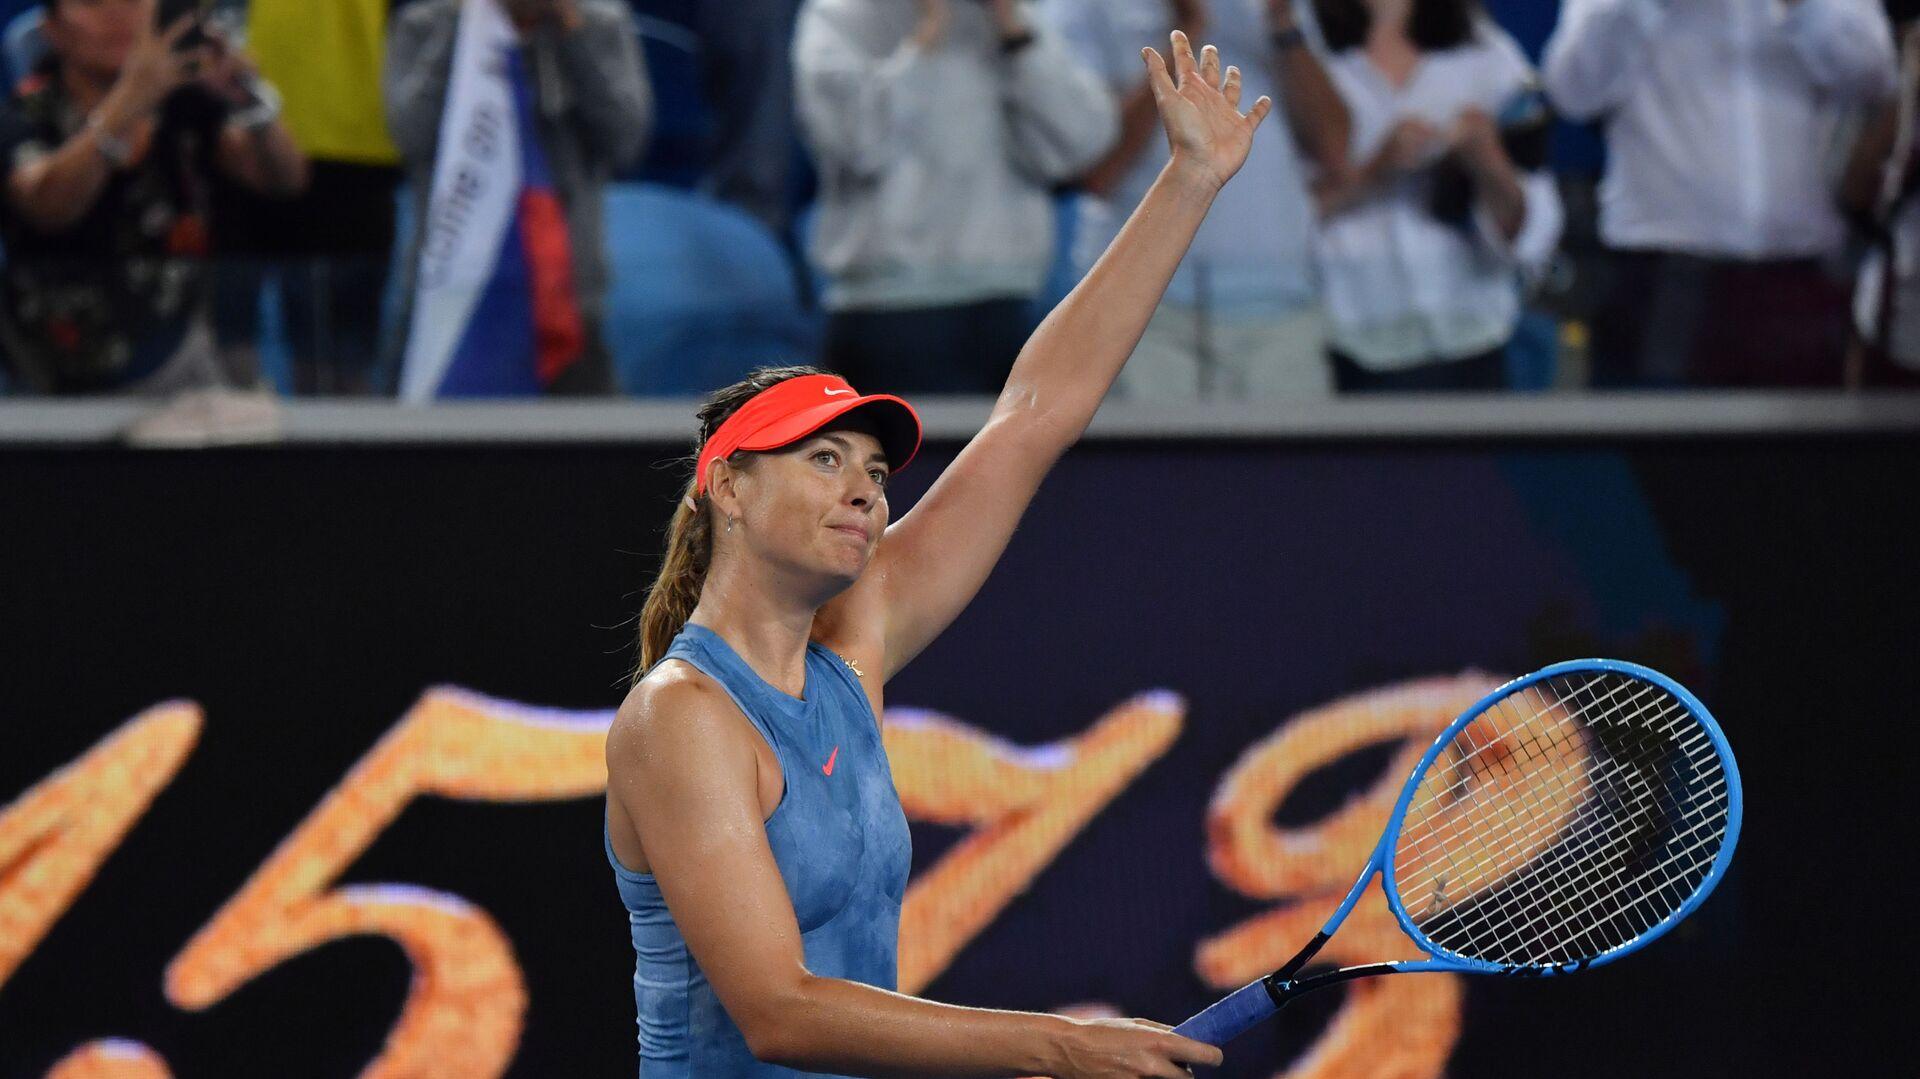 Обои ракетка, Мария шарапова, мяч. Спорт foto 18